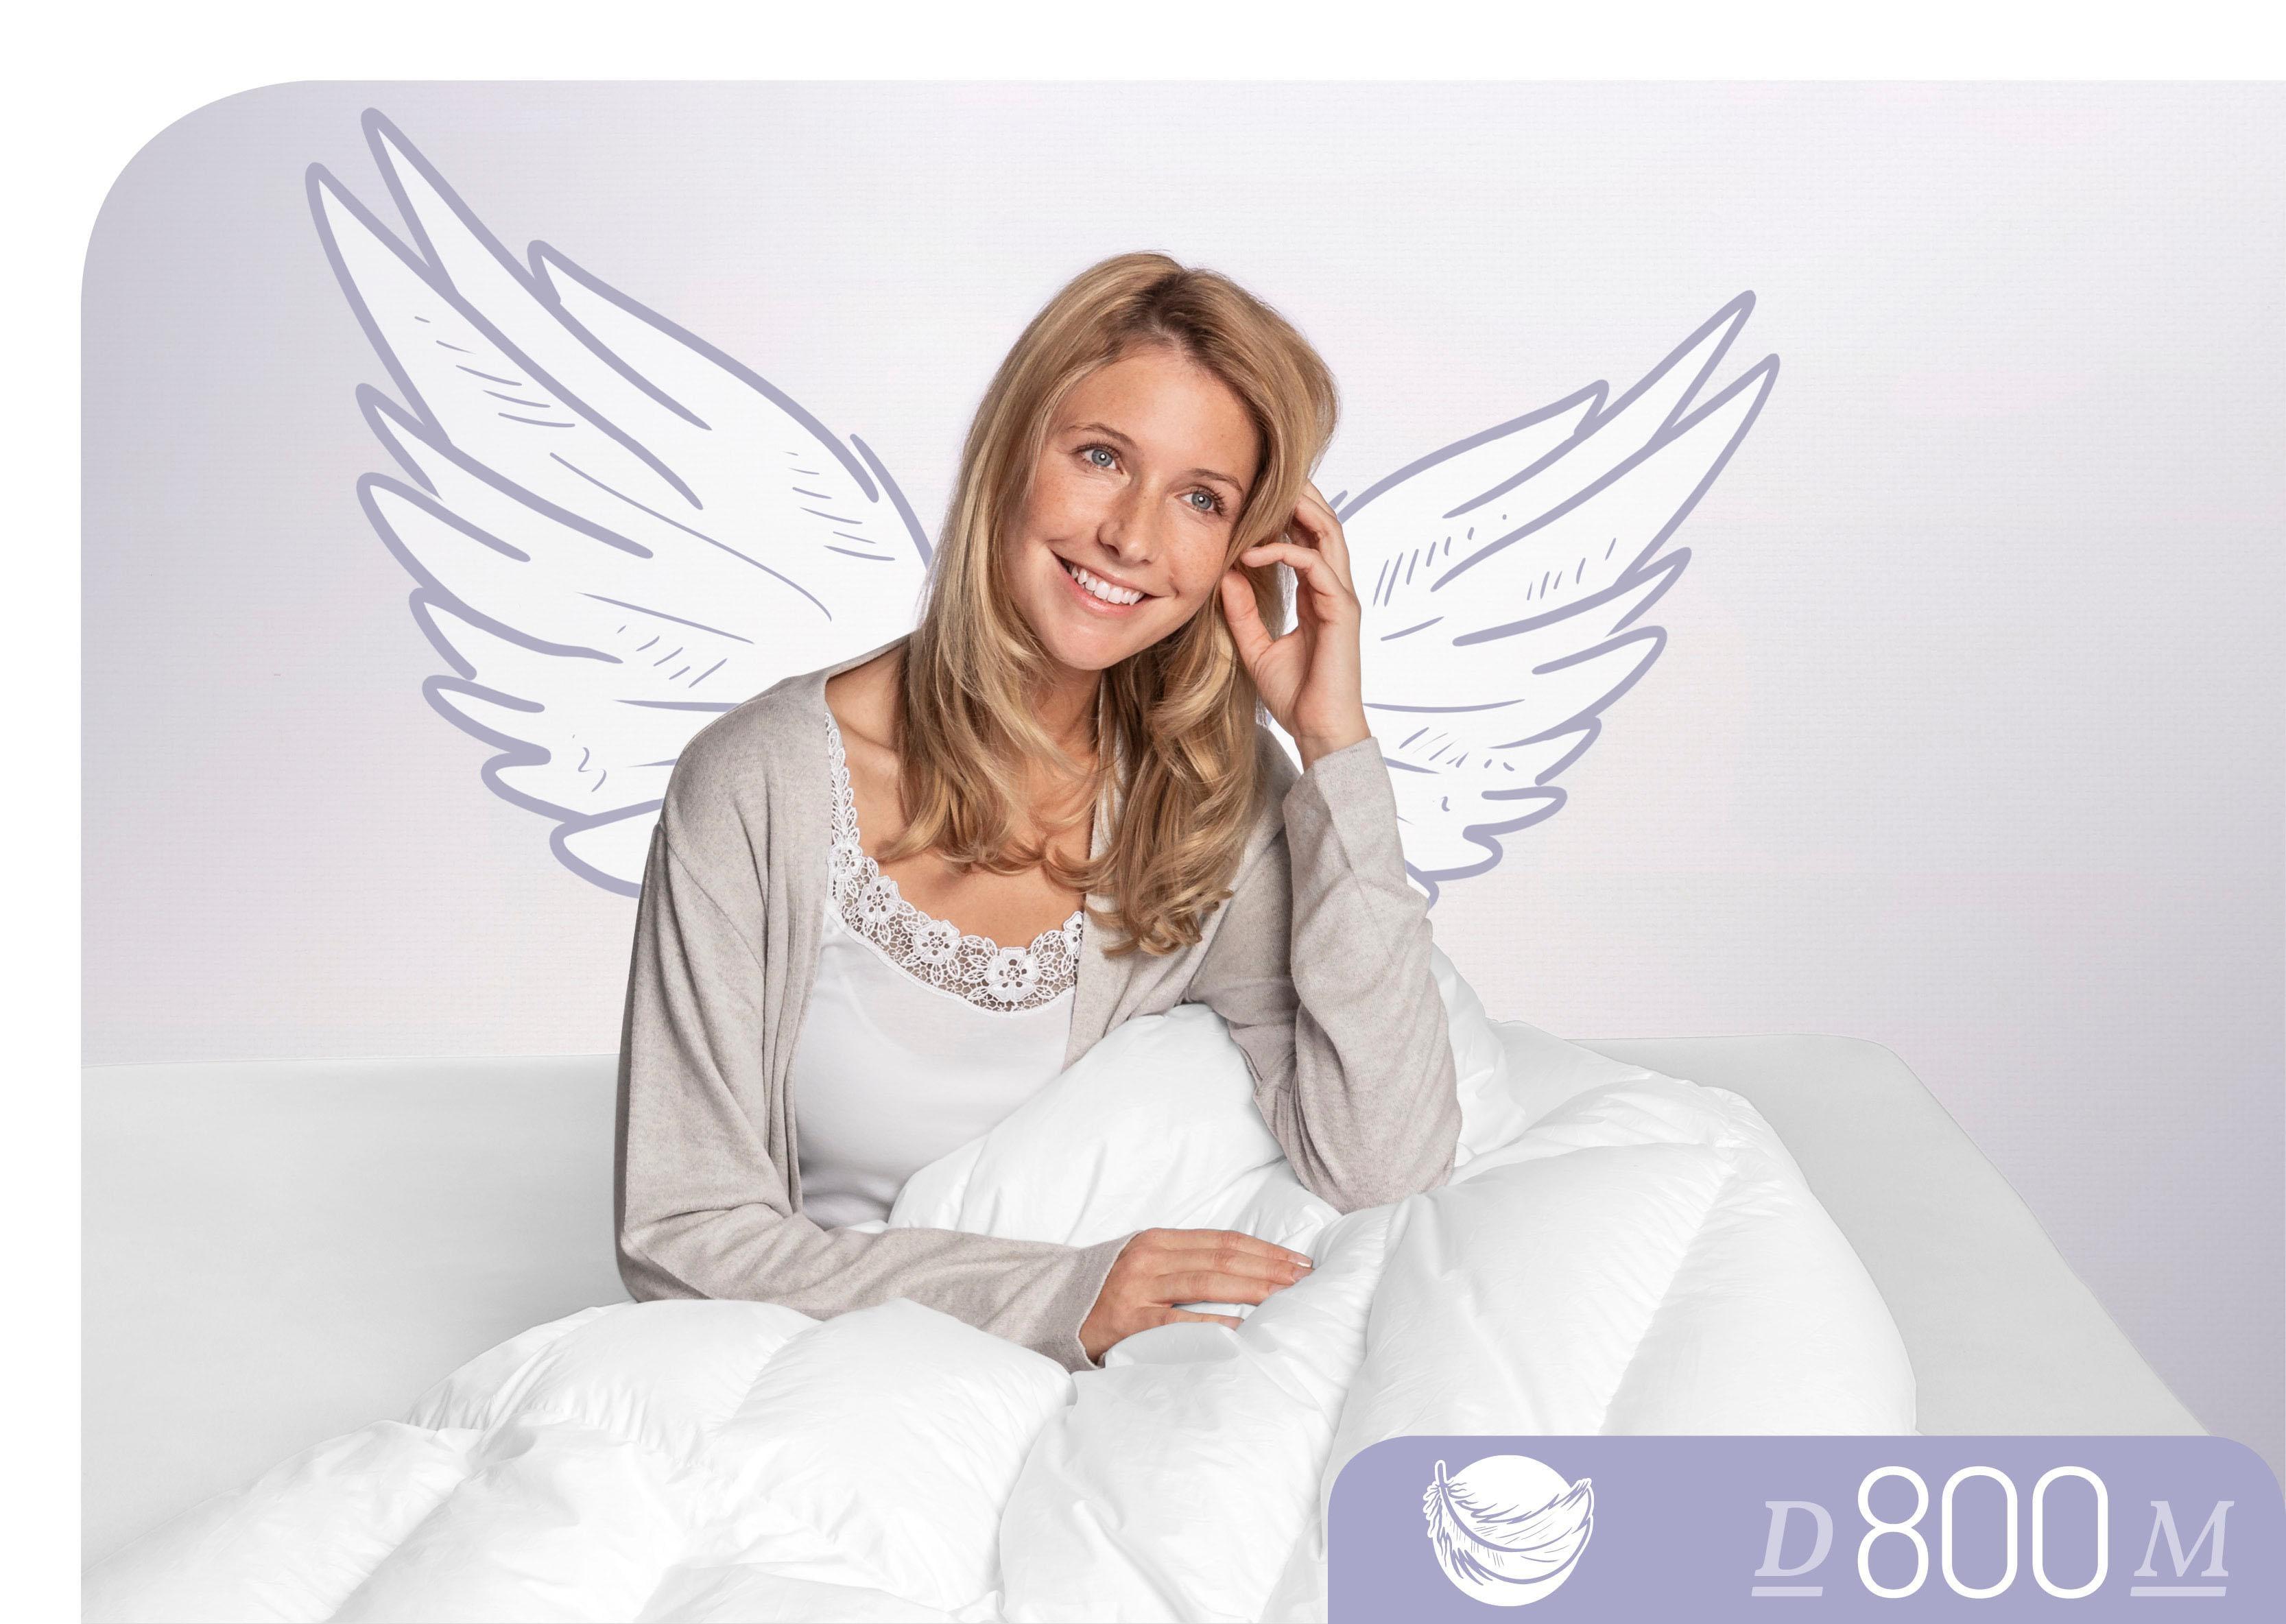 Daunenbettdecke D800 Schlafstil leicht Füllung: 100% Gänsedaunen Bezug: 100% Baumwolle